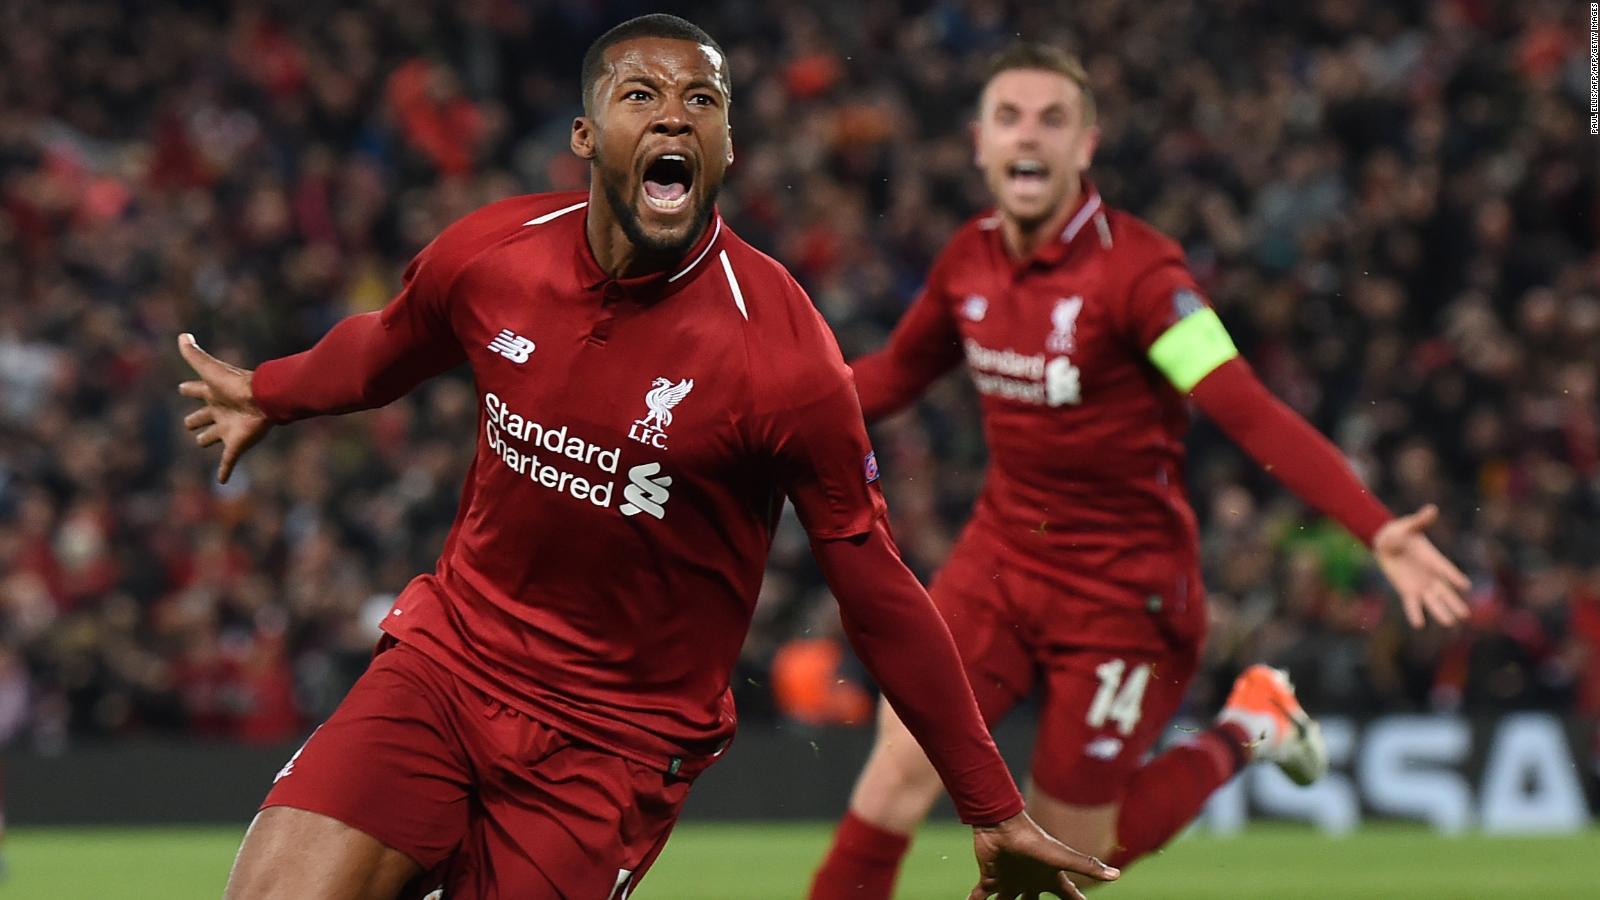 Allez Allez Allez: Liverpool's European anthem